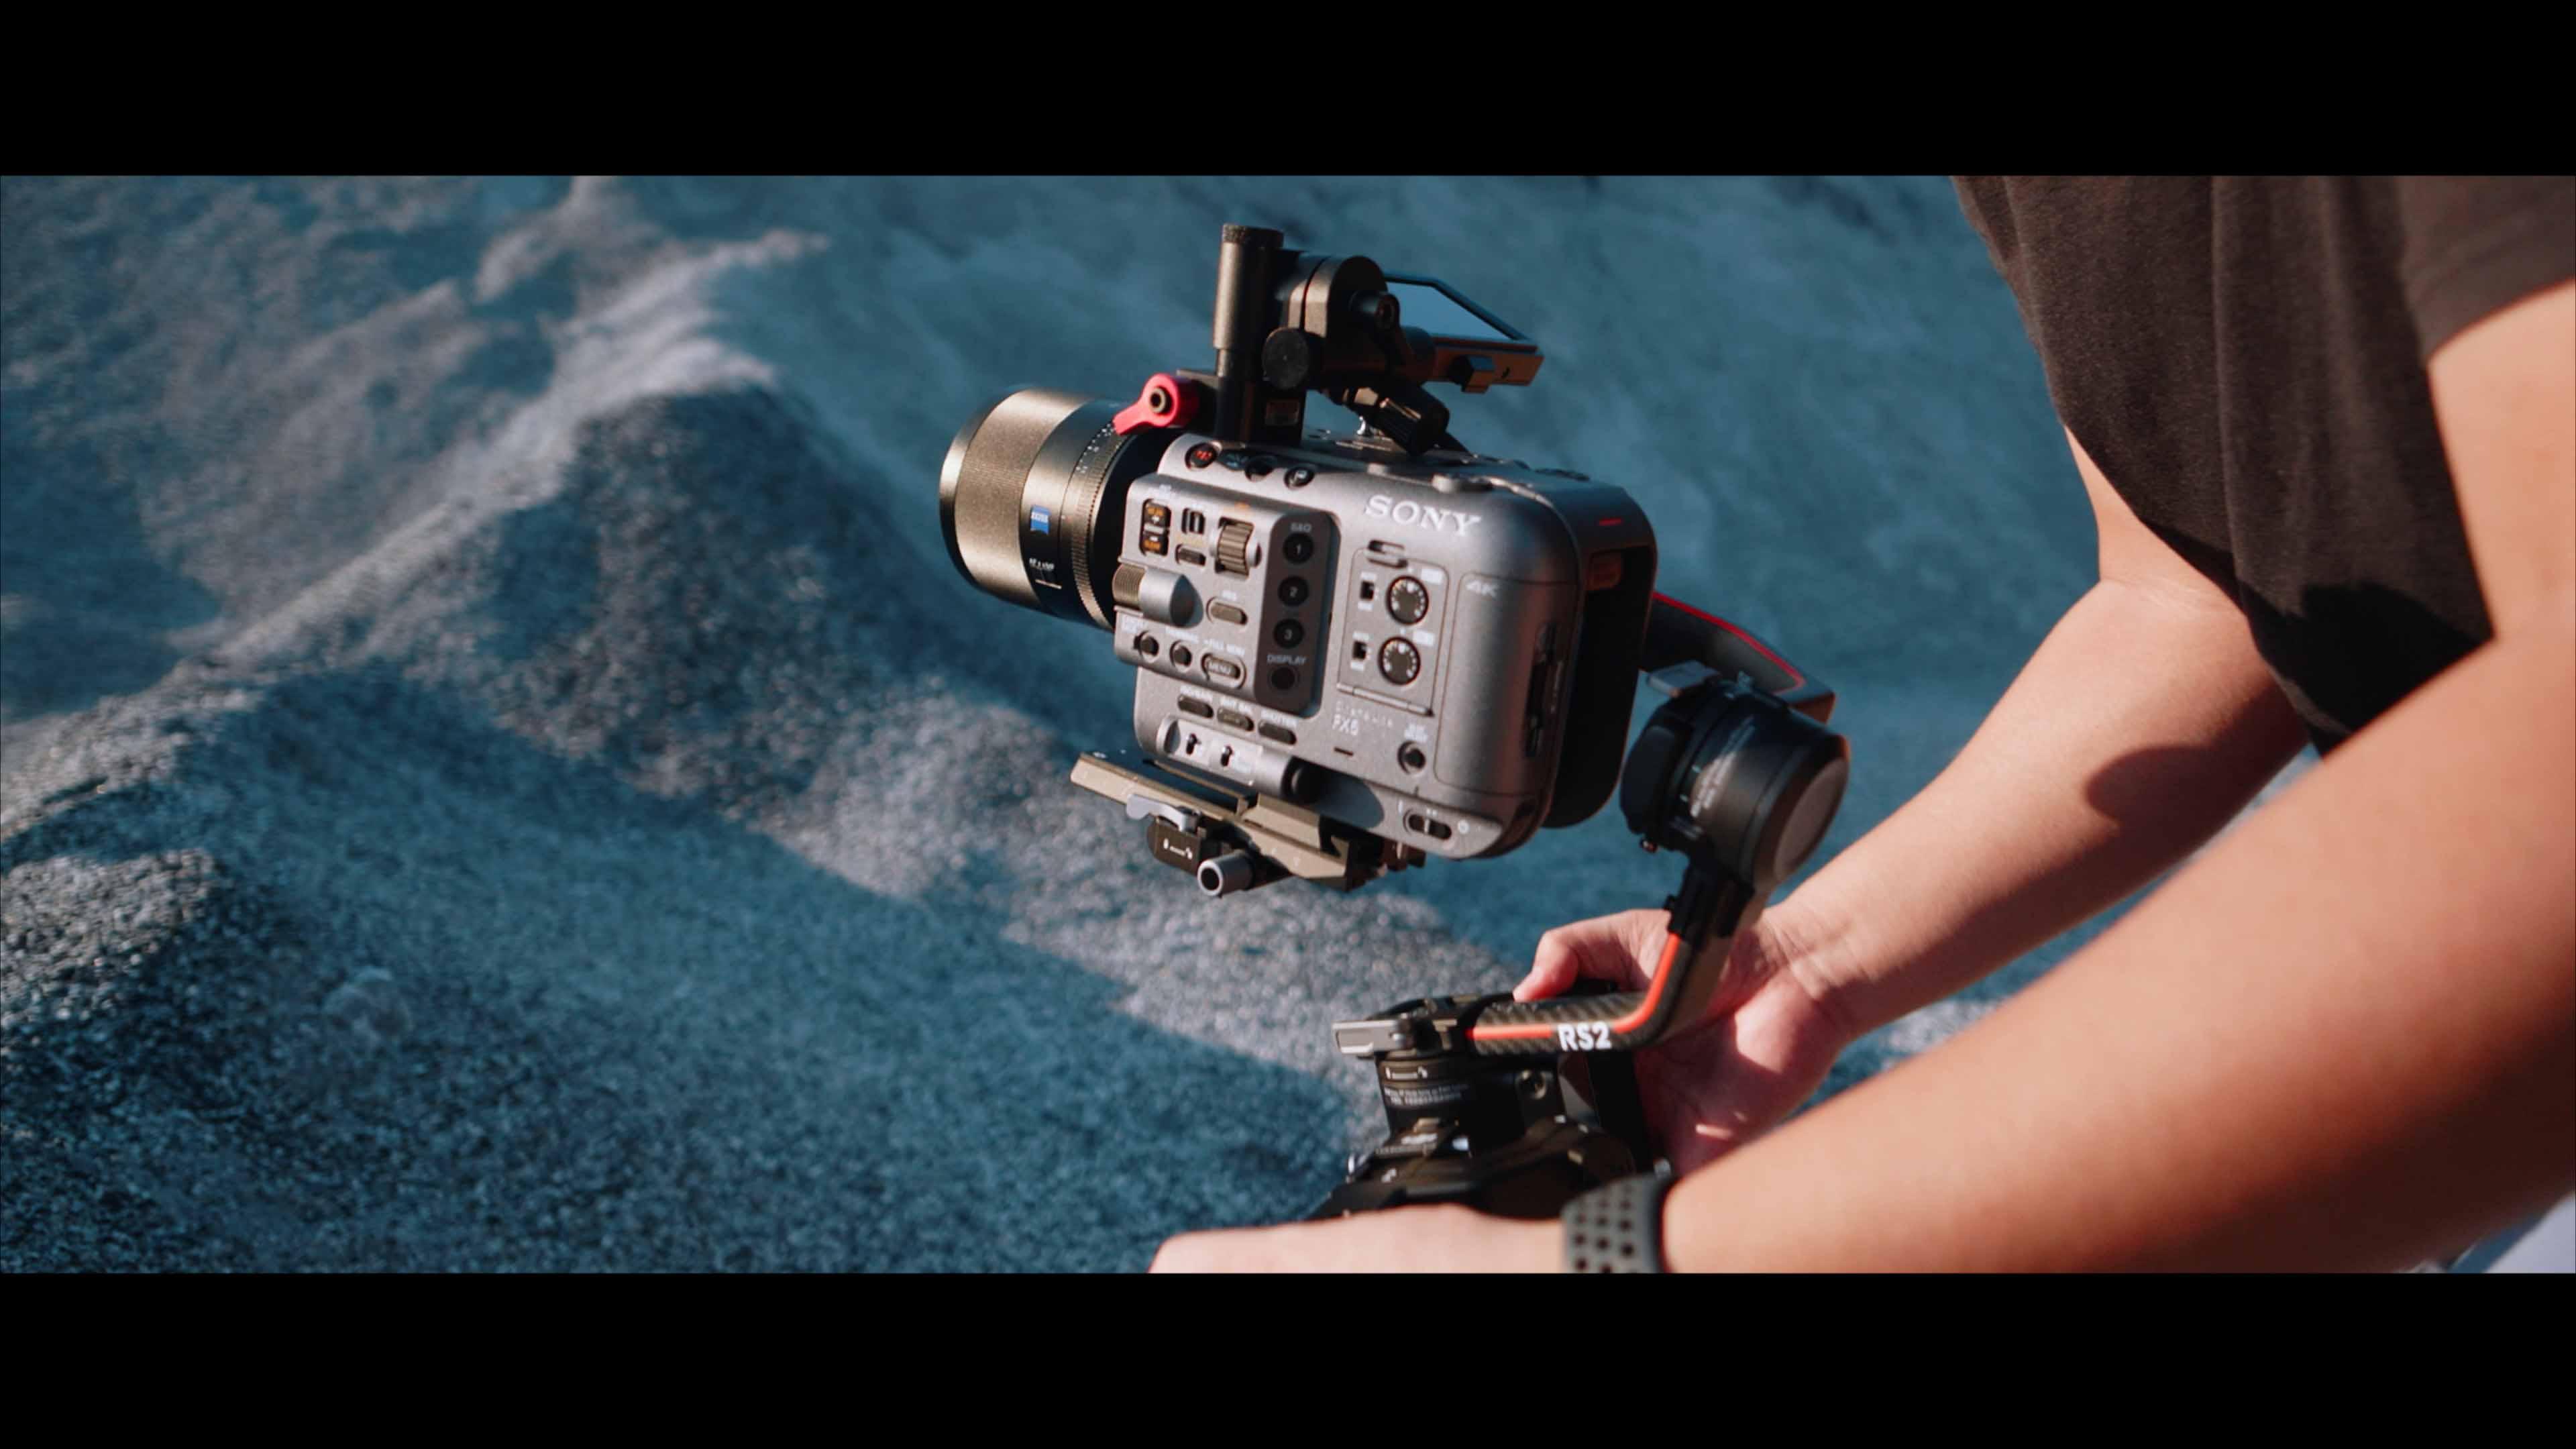 โซนี่ไทย เดินหน้าขยายไลน์กล้องถ่ายทำภาพยนตร์มืออาชีพ พร้อมเปิดตัว FX6 Full-frame Professional Camera ตัวแรก